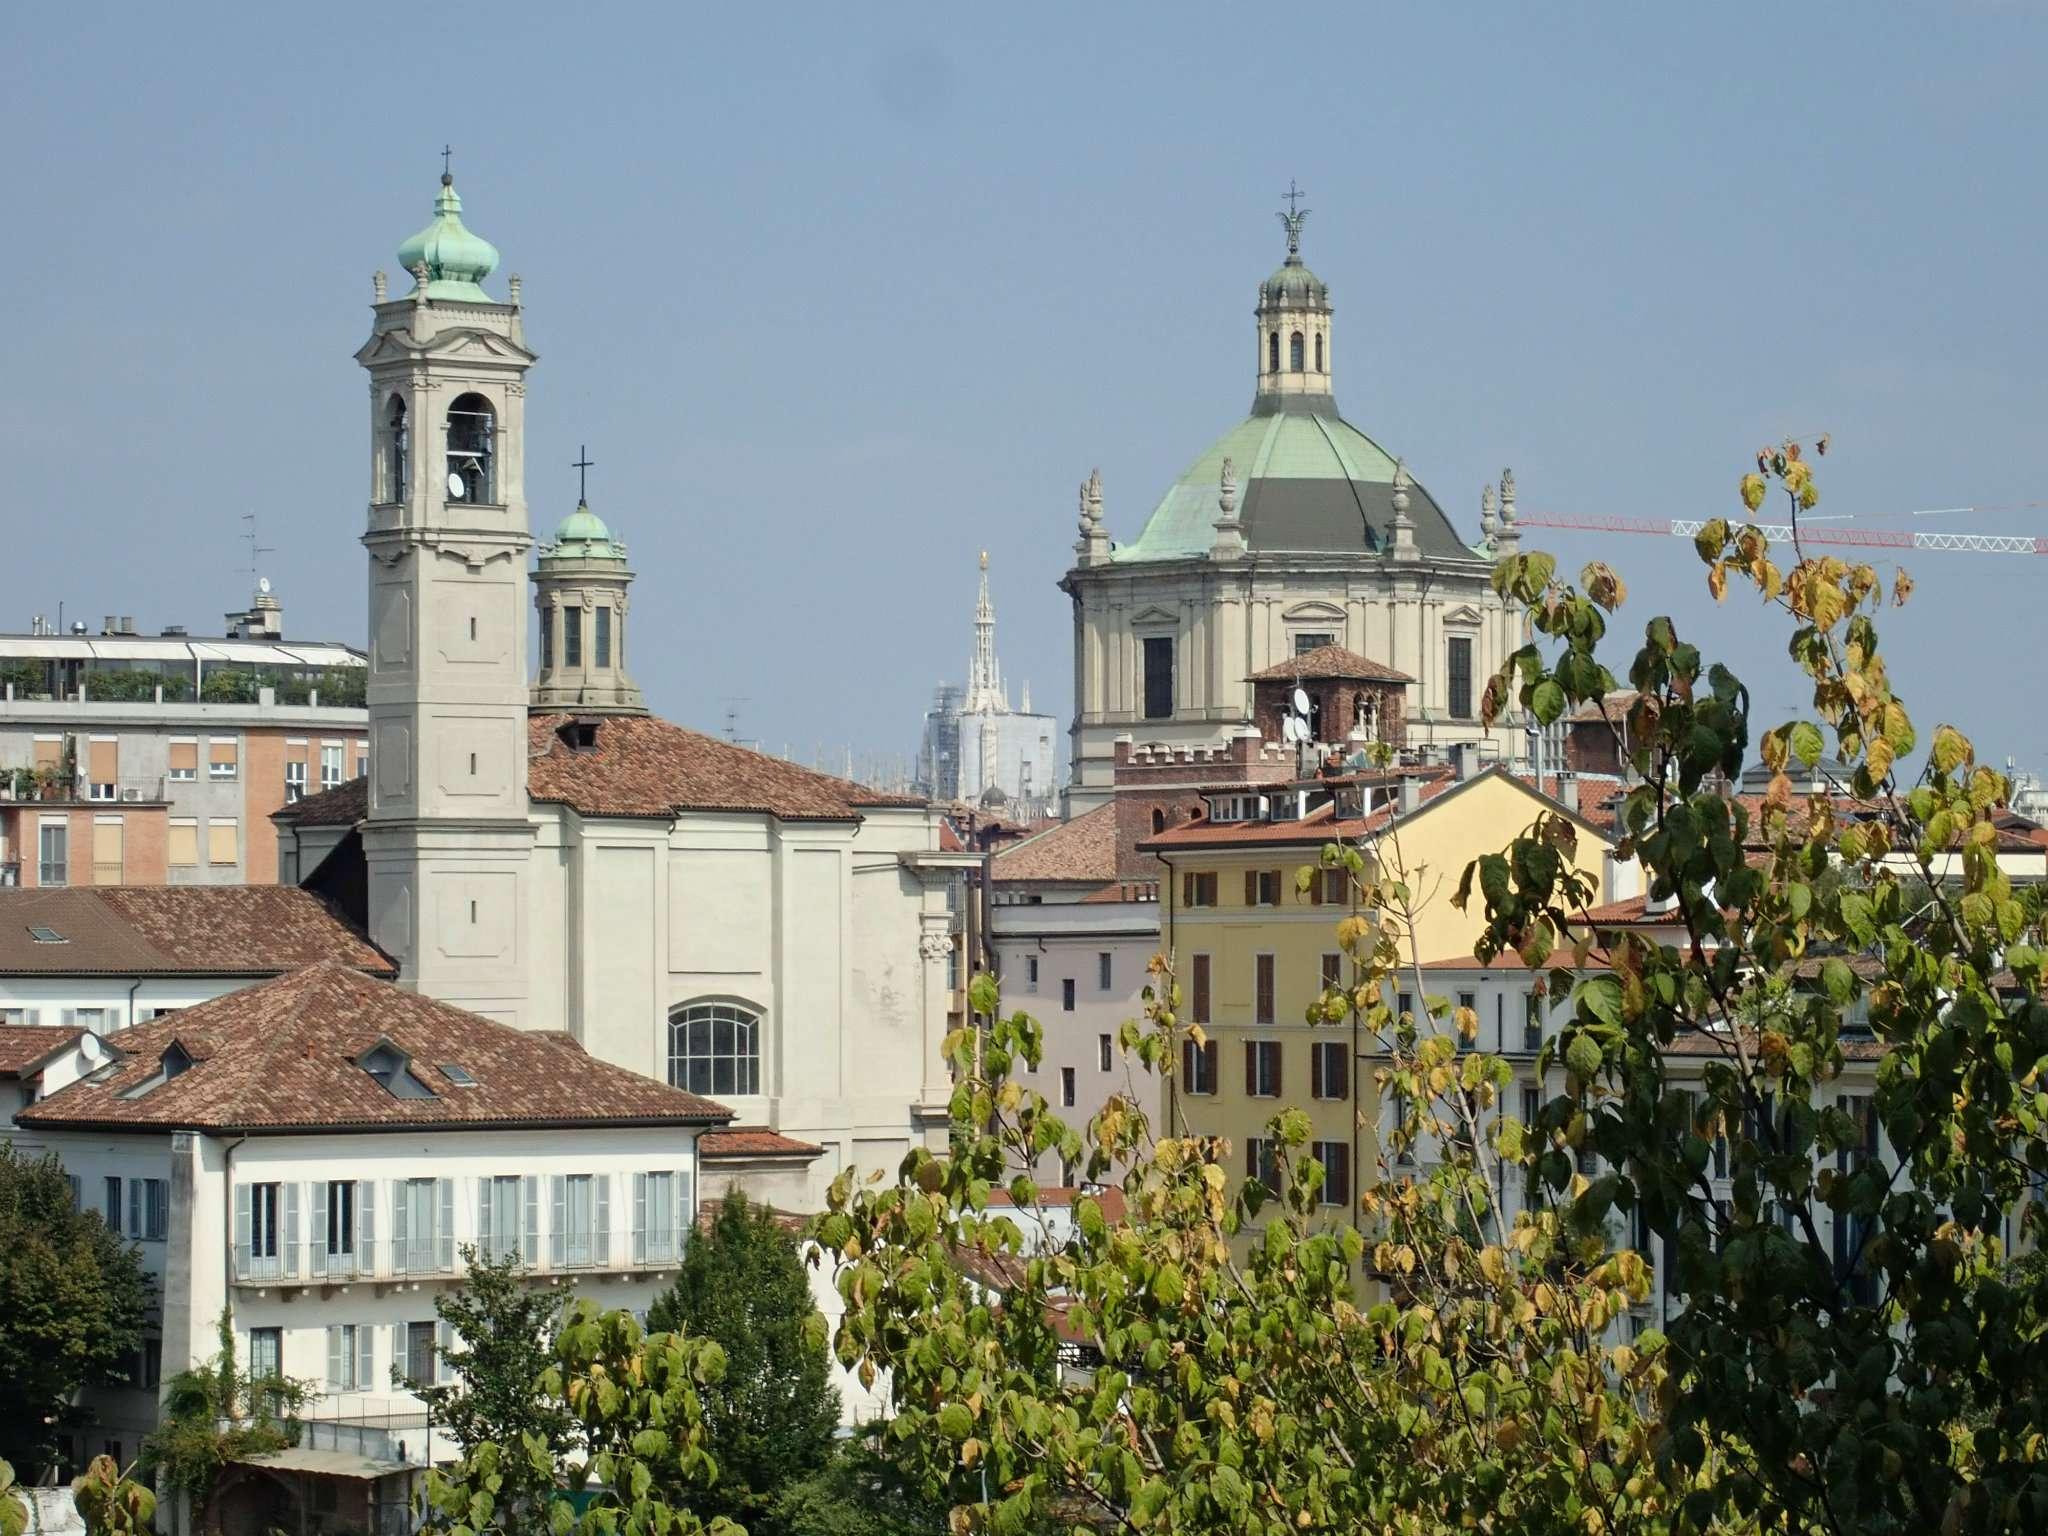 Appartamento in Vendita a Milano: 4 locali, 155 mq - Foto 1